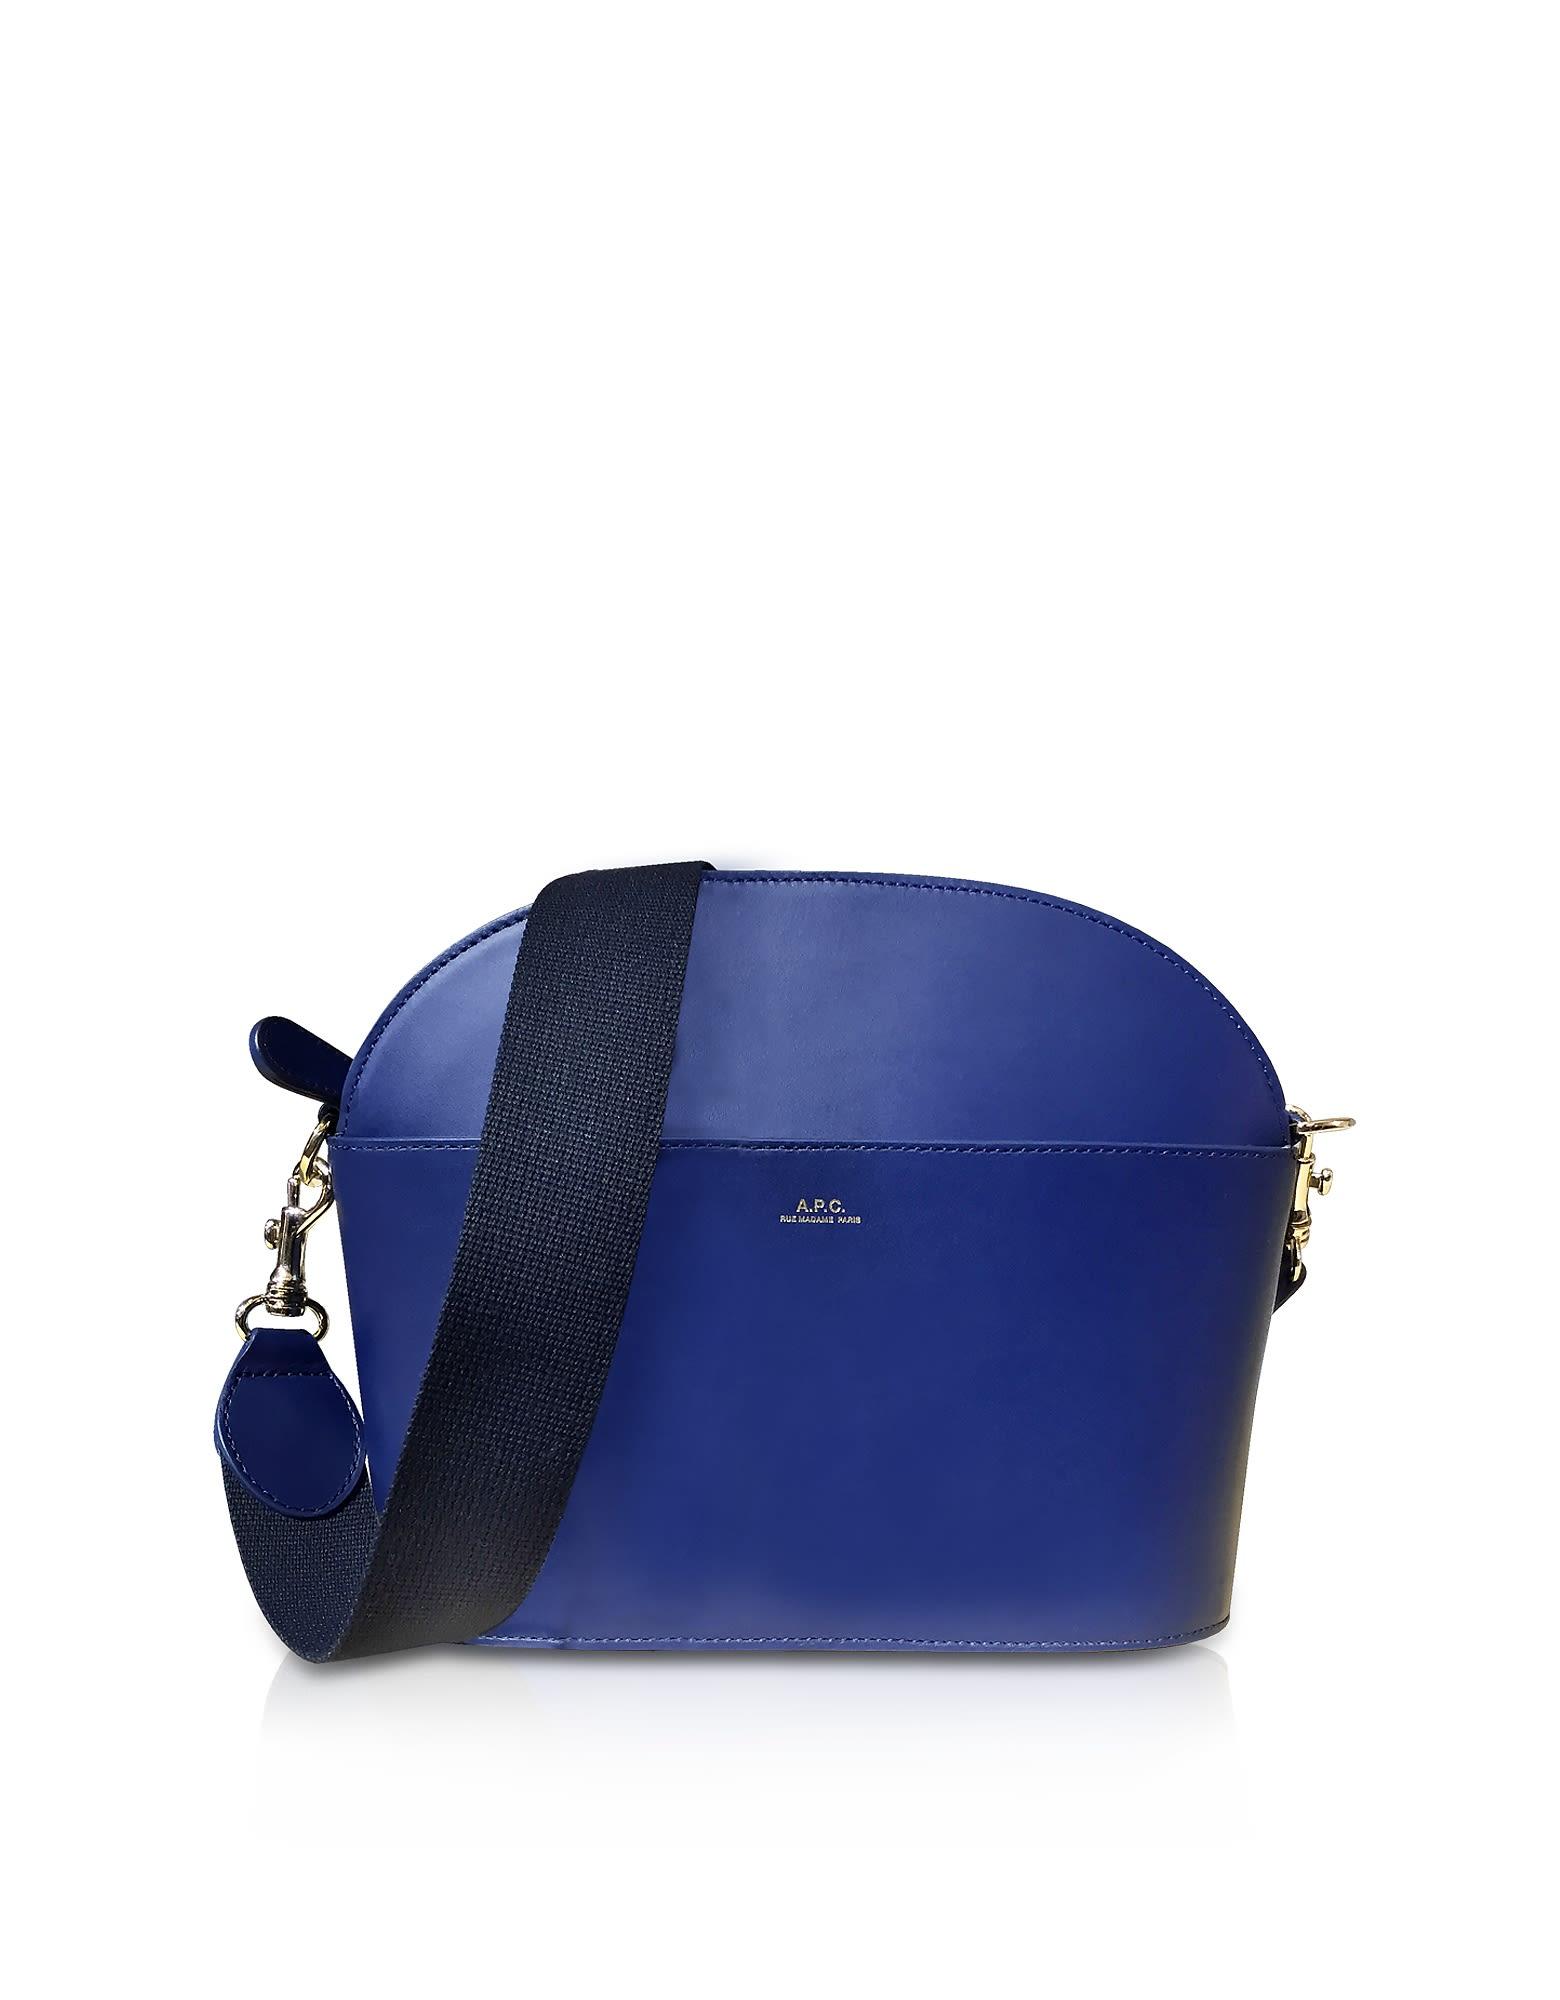 A.P.C. Marine Blue Leather Gabrielle Shoulder Bag